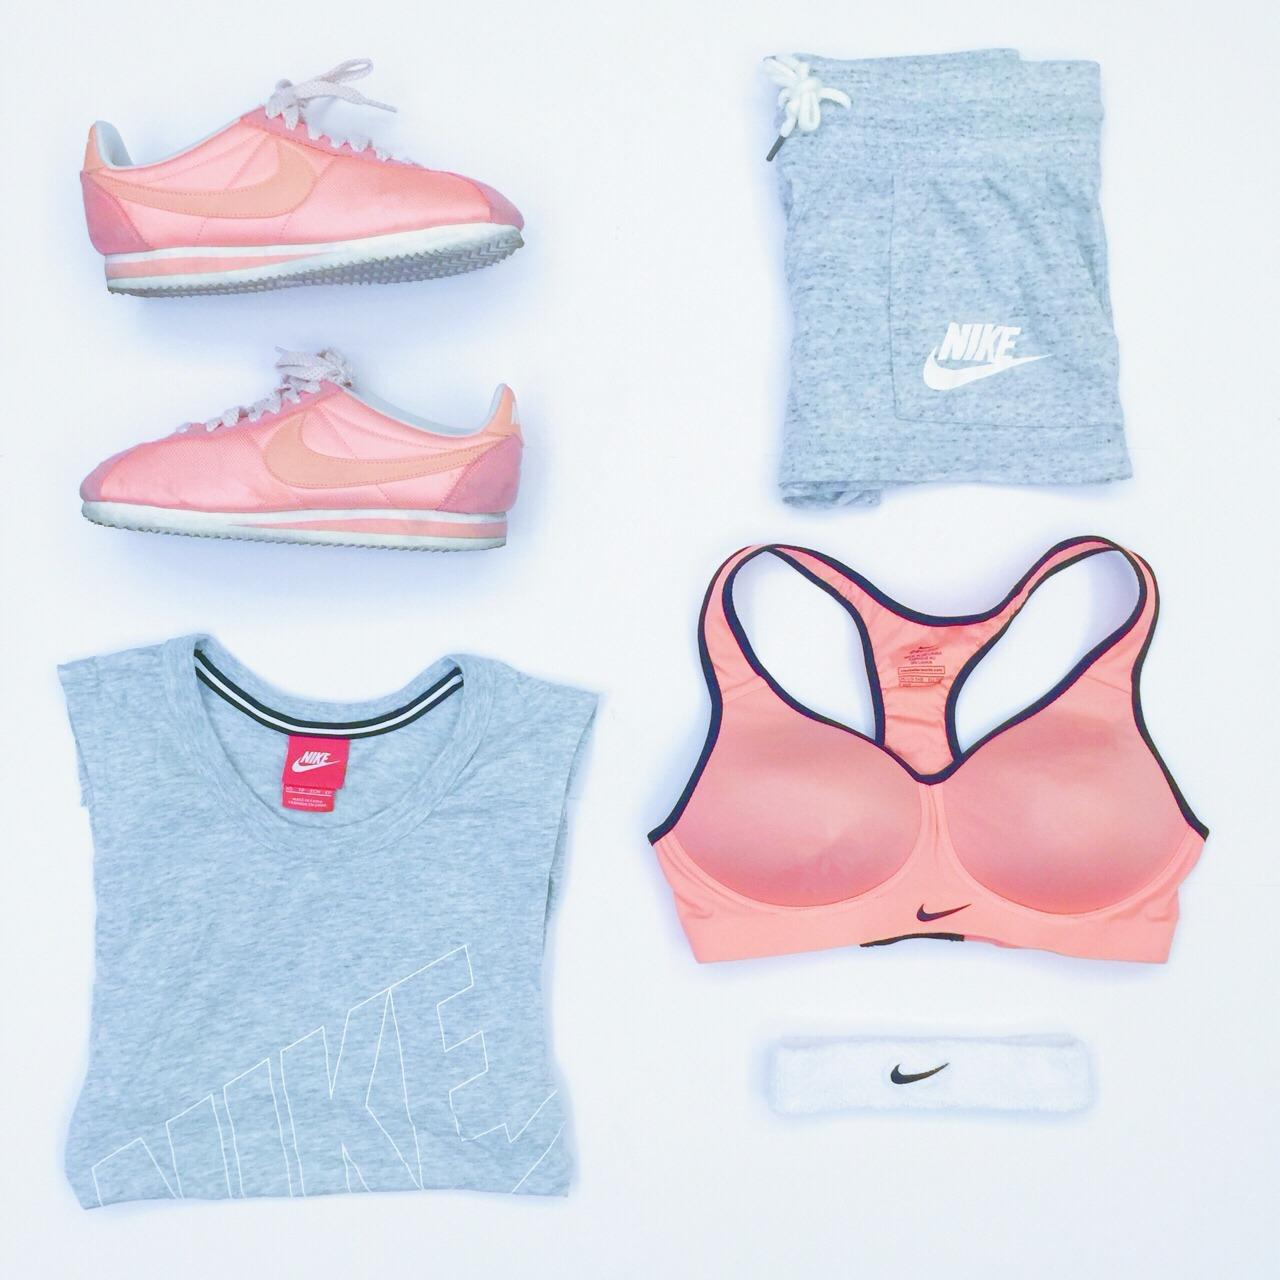 Nike伐木累 看到这个标签就想到这套运动装备了,话说到了年底冲业绩的时候,运动是什么味道来着?甜甜酸酸?已经不记得了,翻出来回味一下吧~ 整套都是Nike买的,iapm环贸店,还送了一个森系购物帆布袋,赞!值得一提的是浅灰色top侧边是几乎全镂空的,适合那(quan)些(bu)去运动又爱臭美的菇凉们,性感还可爱[哈哈][害羞]橘粉色搭配浅灰色,干净 @薯队长 上篇半夜发,半夜通知入精选,激动之余,继续努力![嘿嘿]